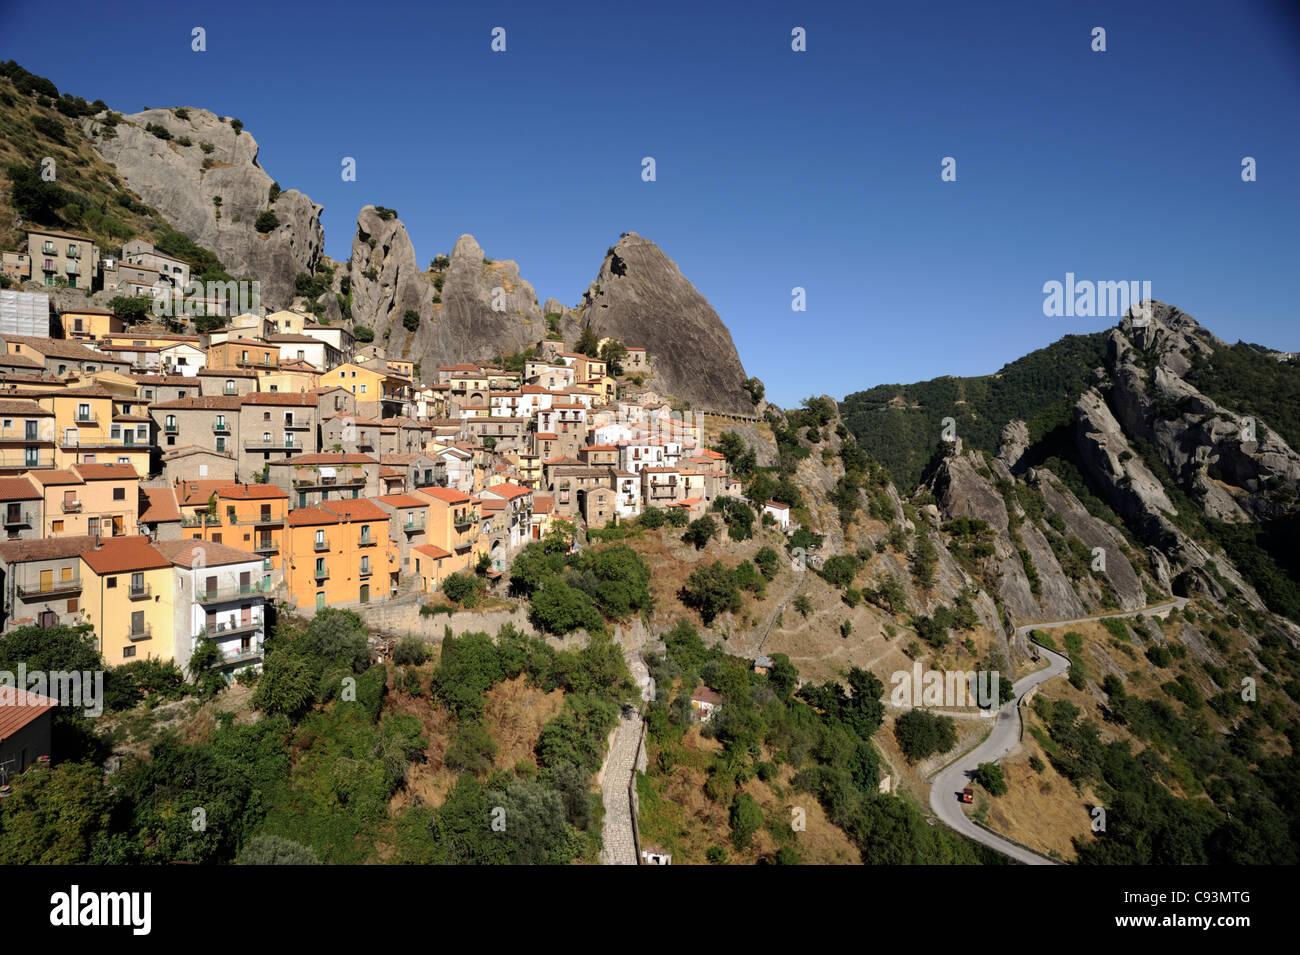 italy, basilicata, dolomiti lucane regional park, castelmezzano Stock Photo